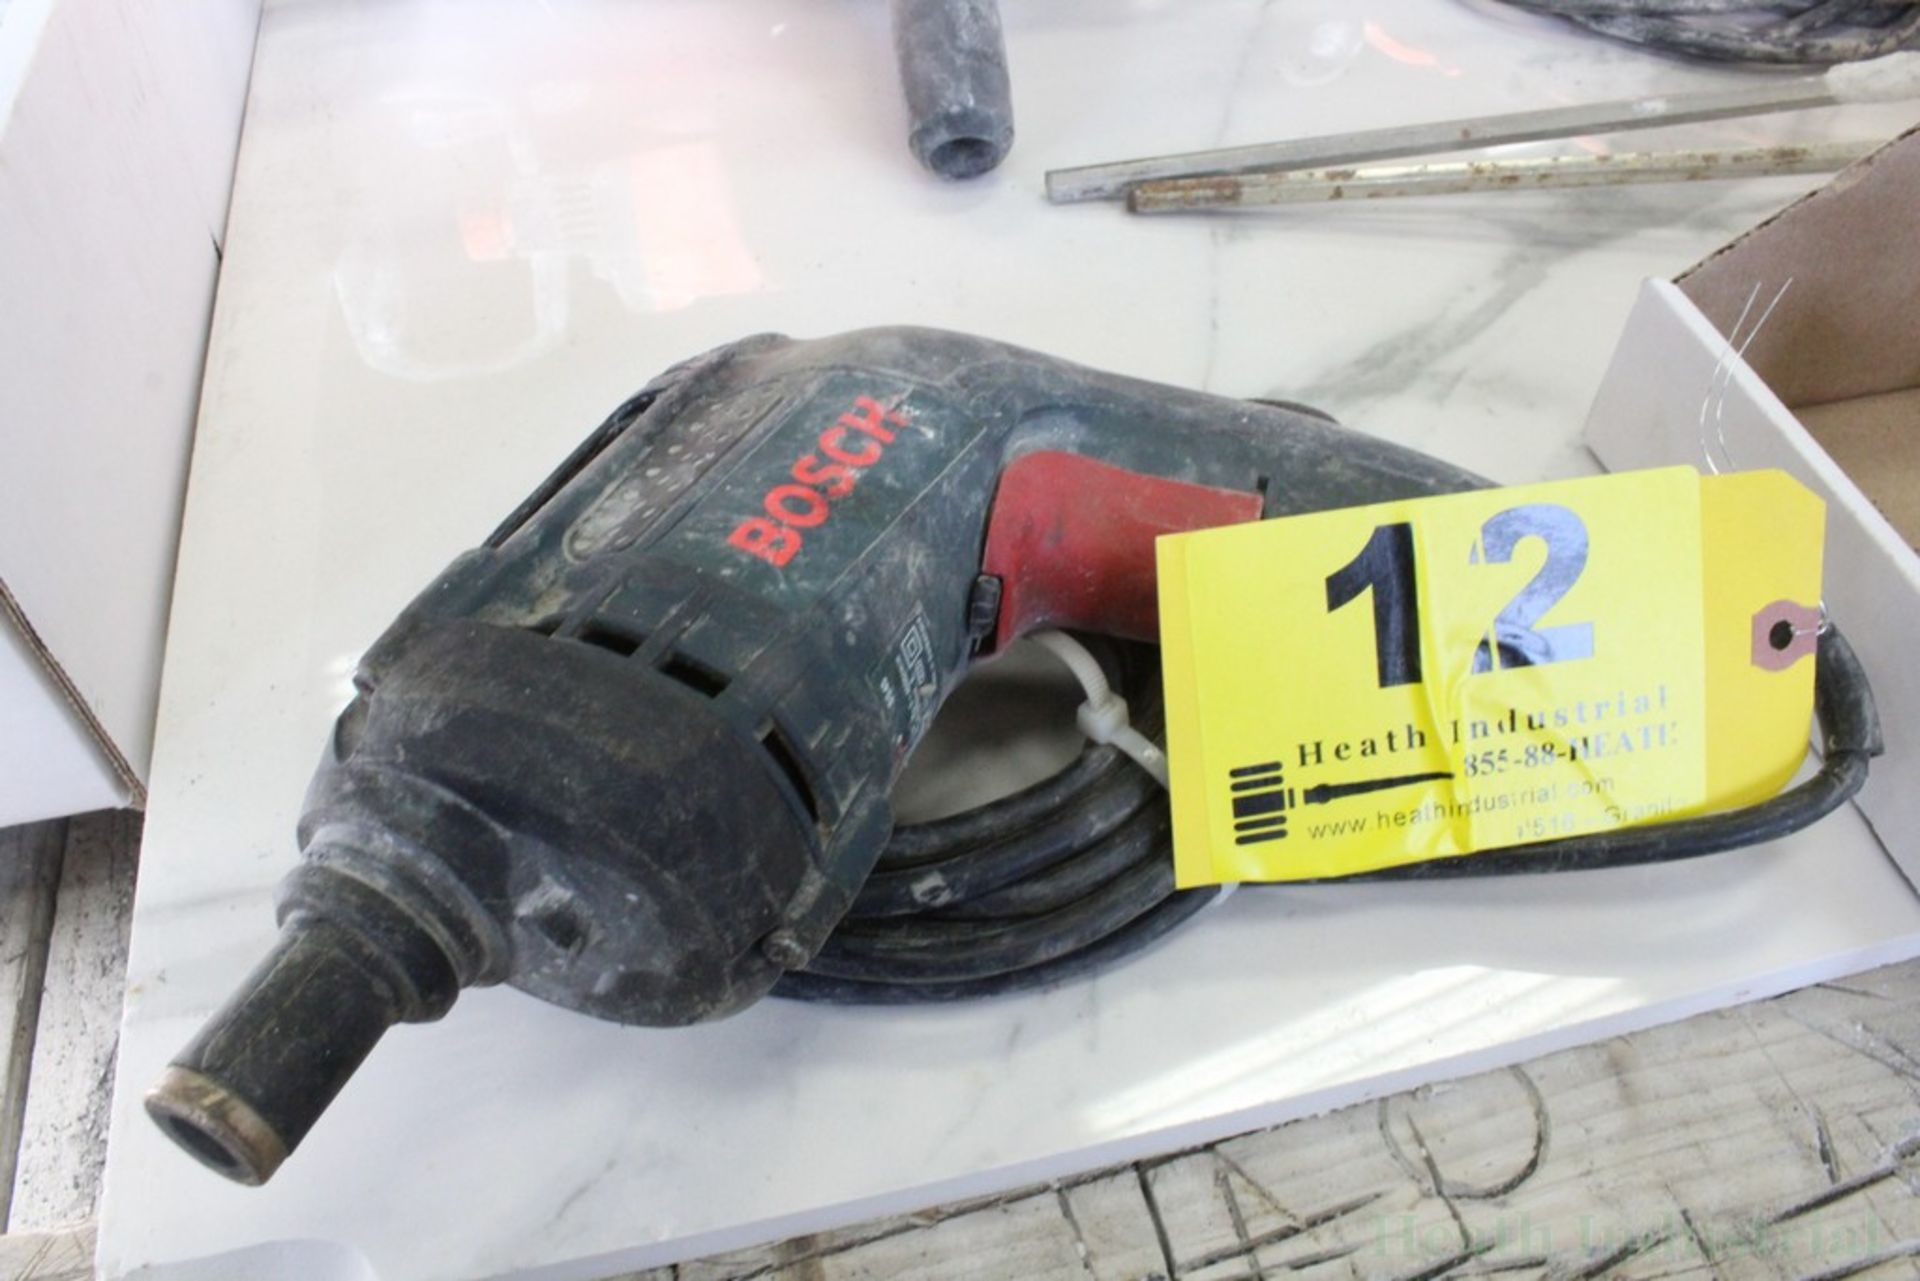 Lot 12 - BOSCH MODEL SG45 DRYWALL SCREW GUN